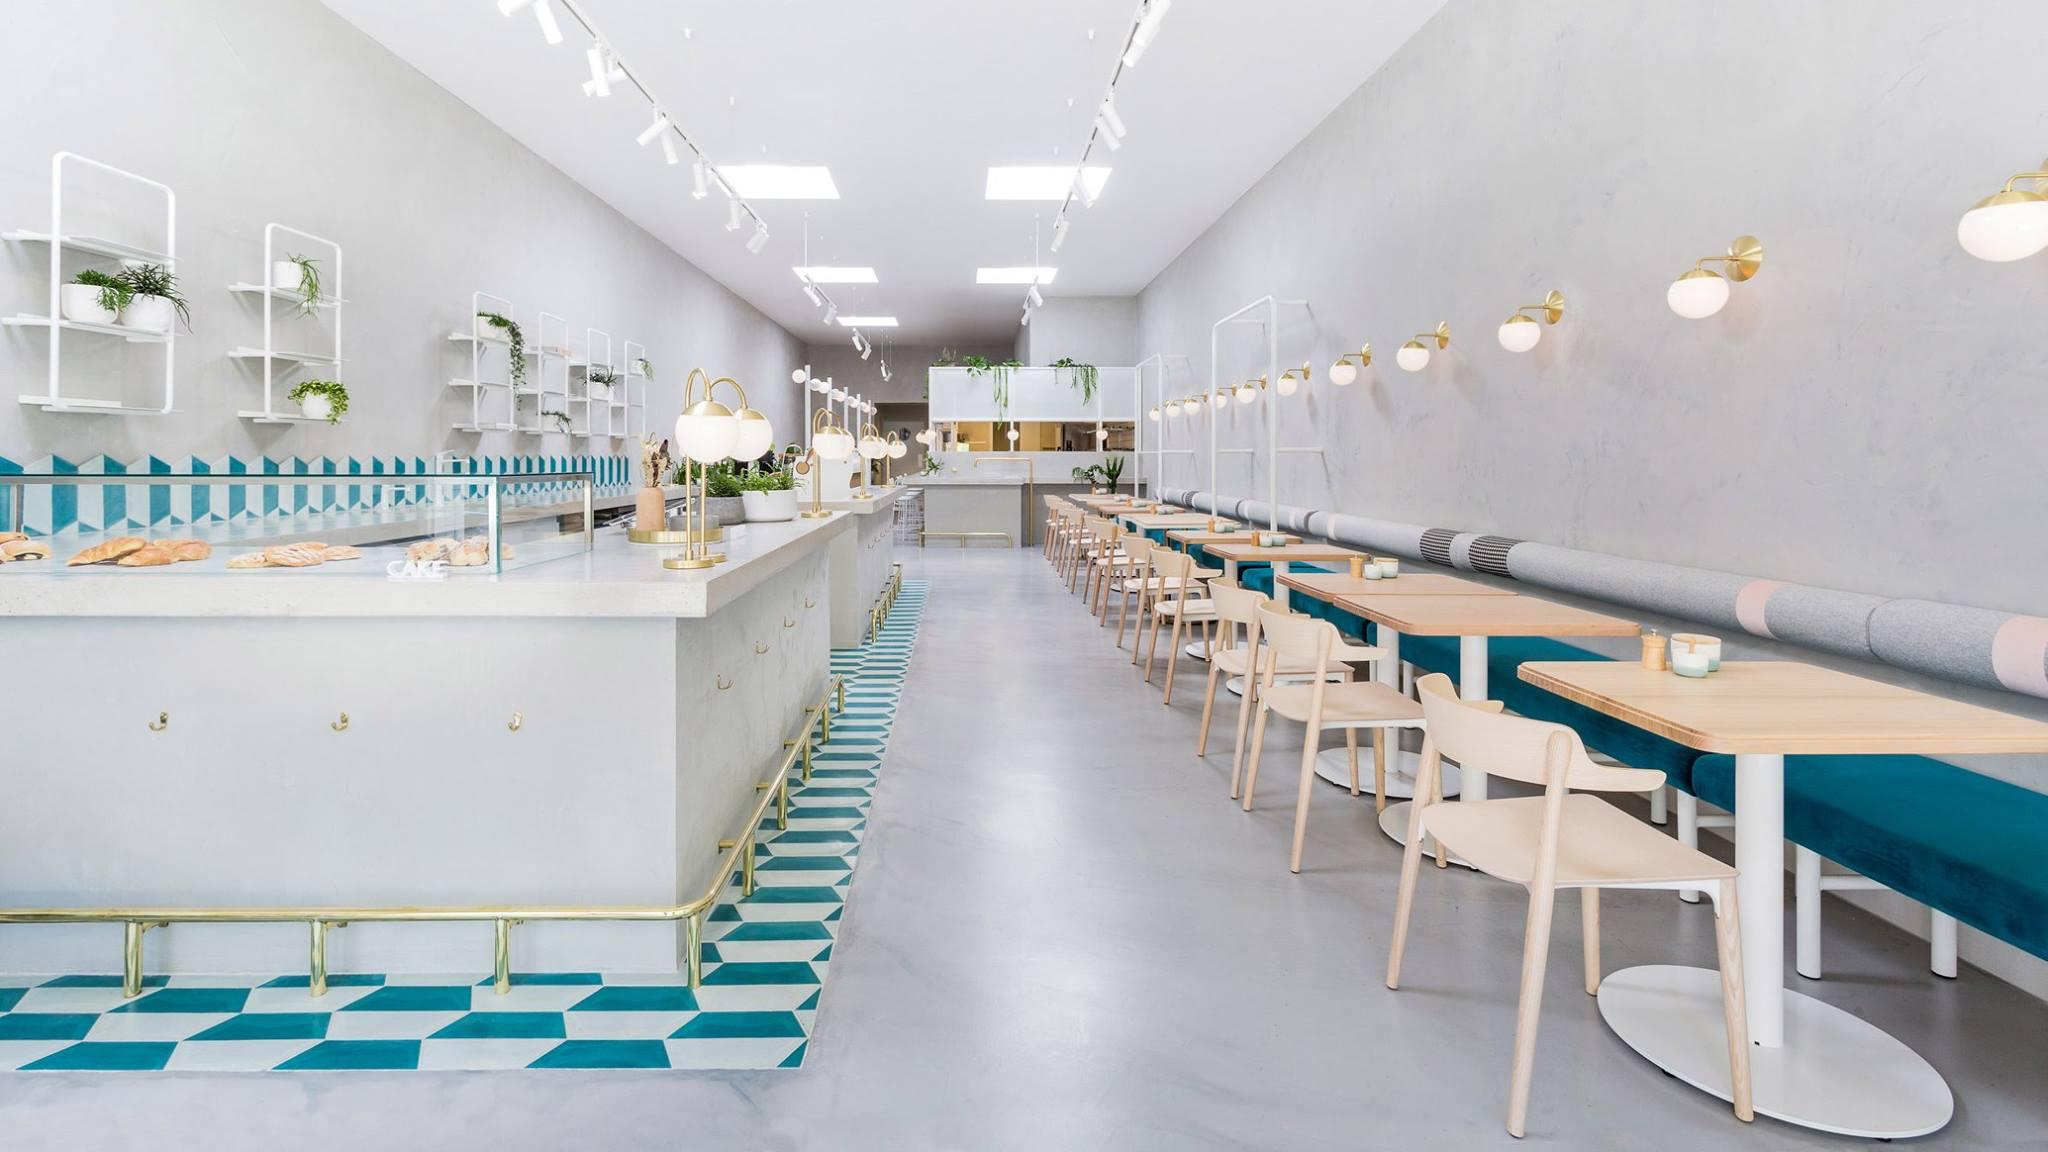 Melbourne Café featuring hand painted tiles by Popham Design